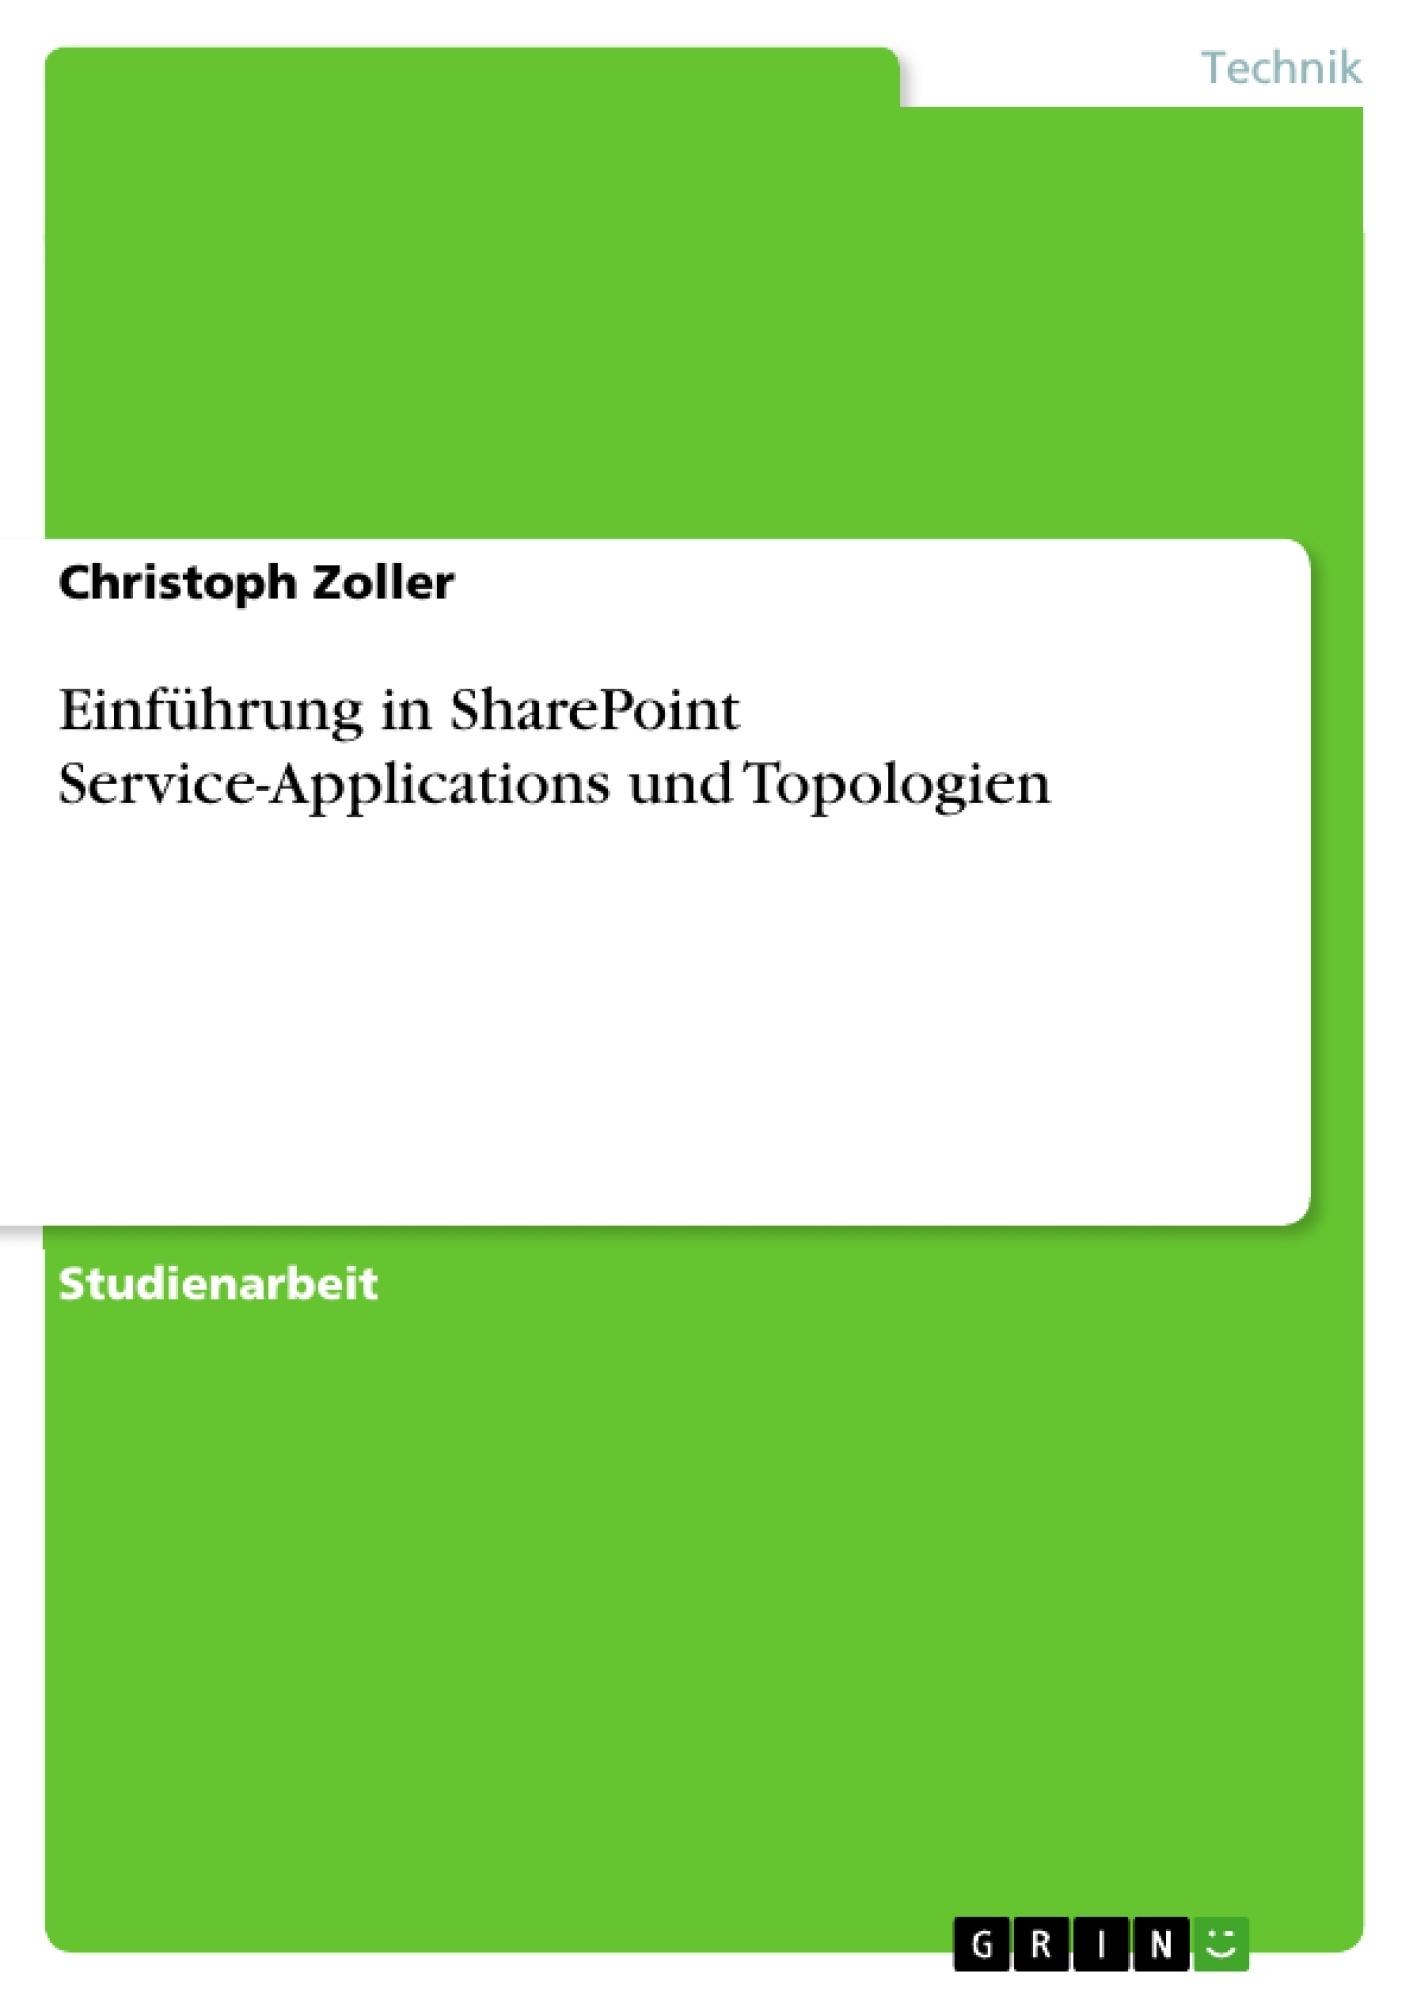 Titel: Einführung in SharePoint Service-Applications und Topologien